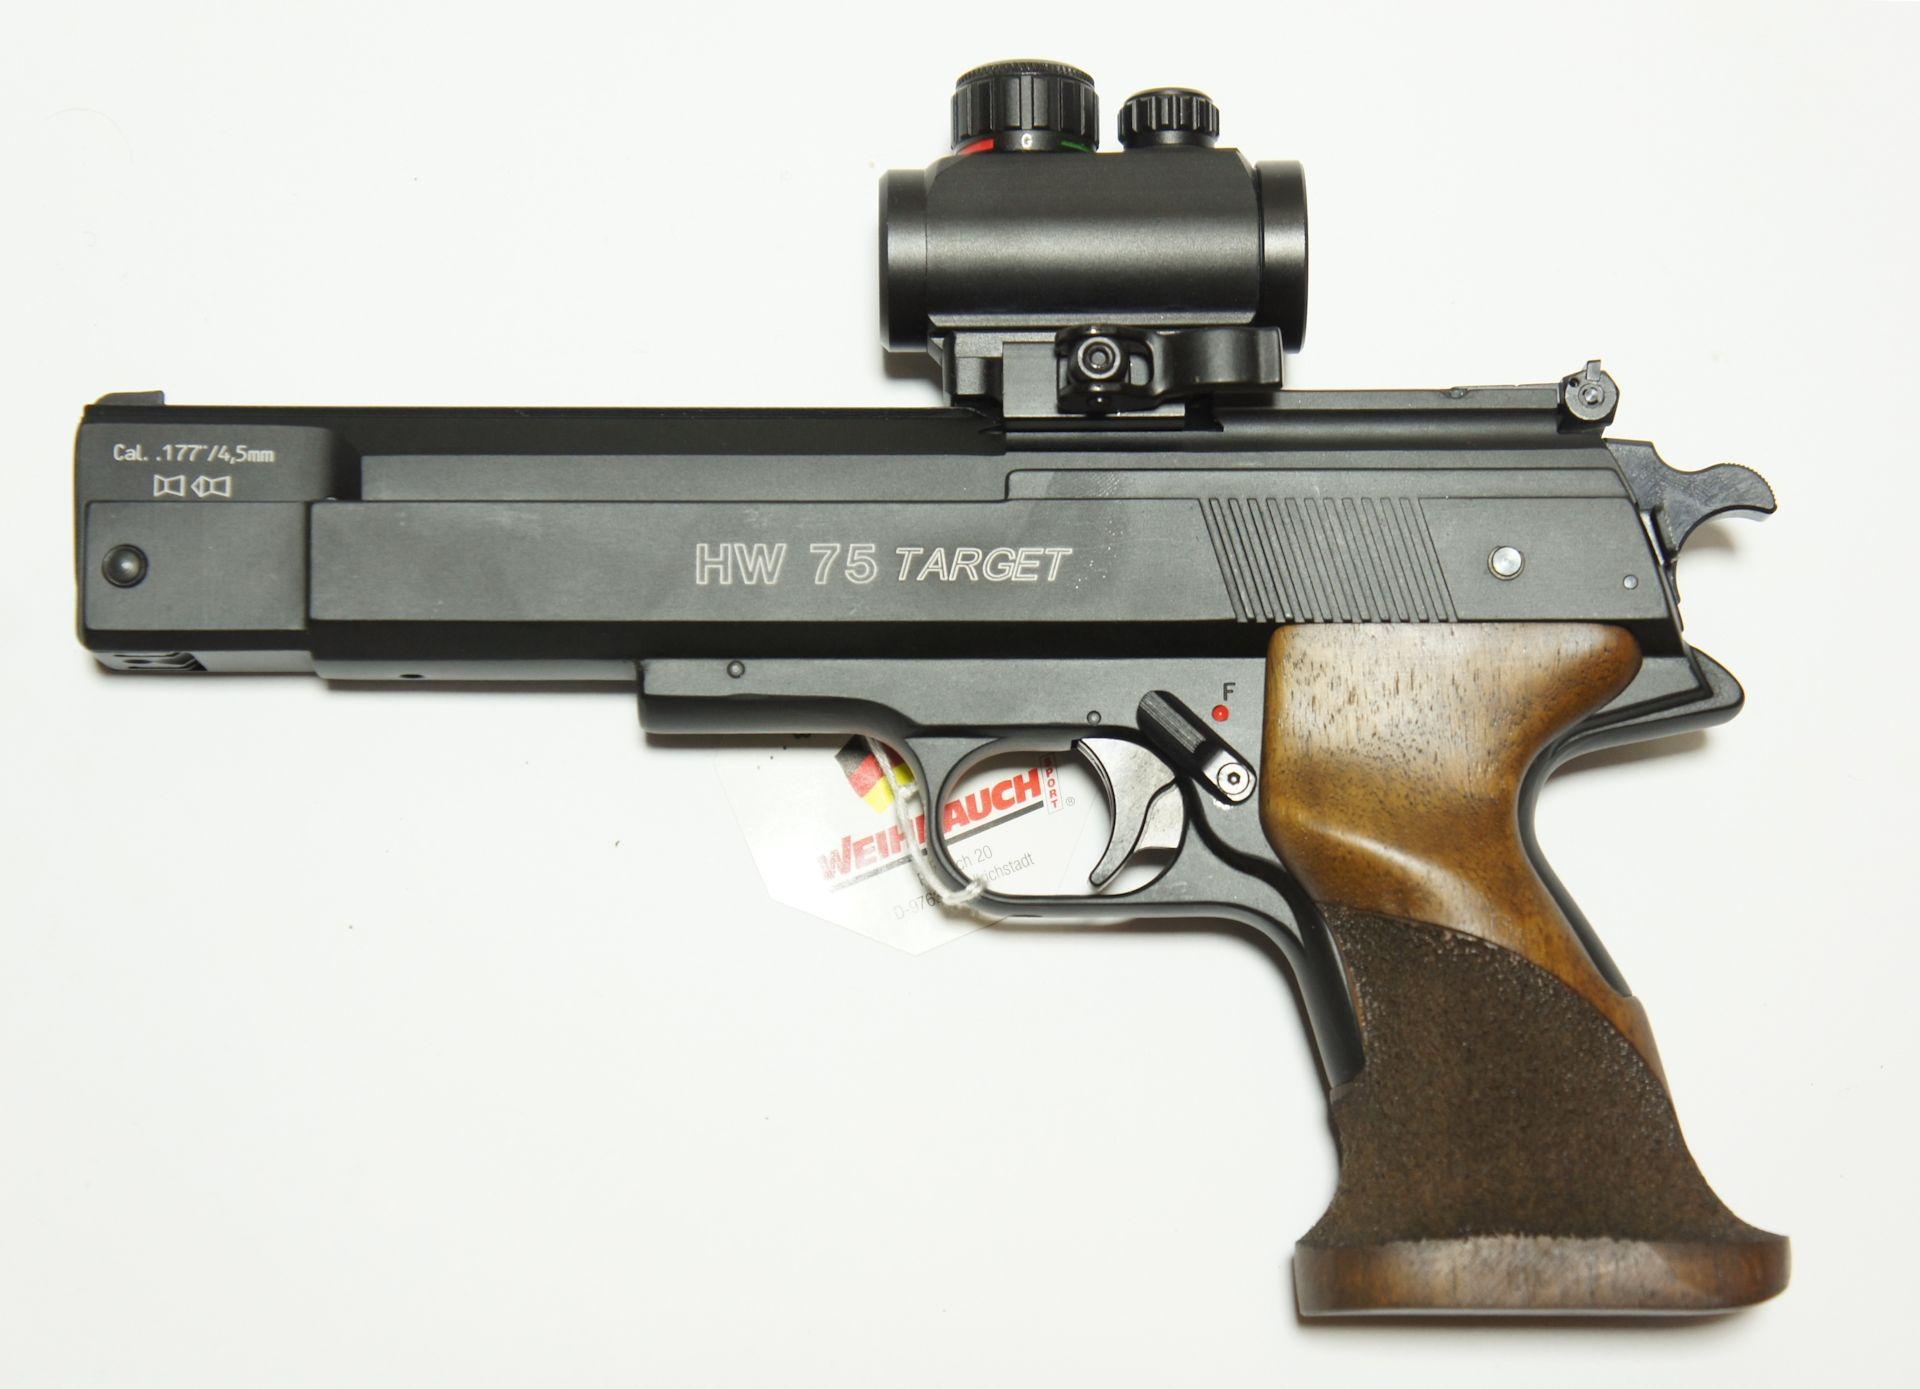 Sie können auch gerne solche Pistolen gleich mit montierter und eingeschossener Optik bekommen (also einsatzbereit). Dazu mache ich gerade ein <a href=25-Jahre-A1.htm>Jubiläumsangebot</a>